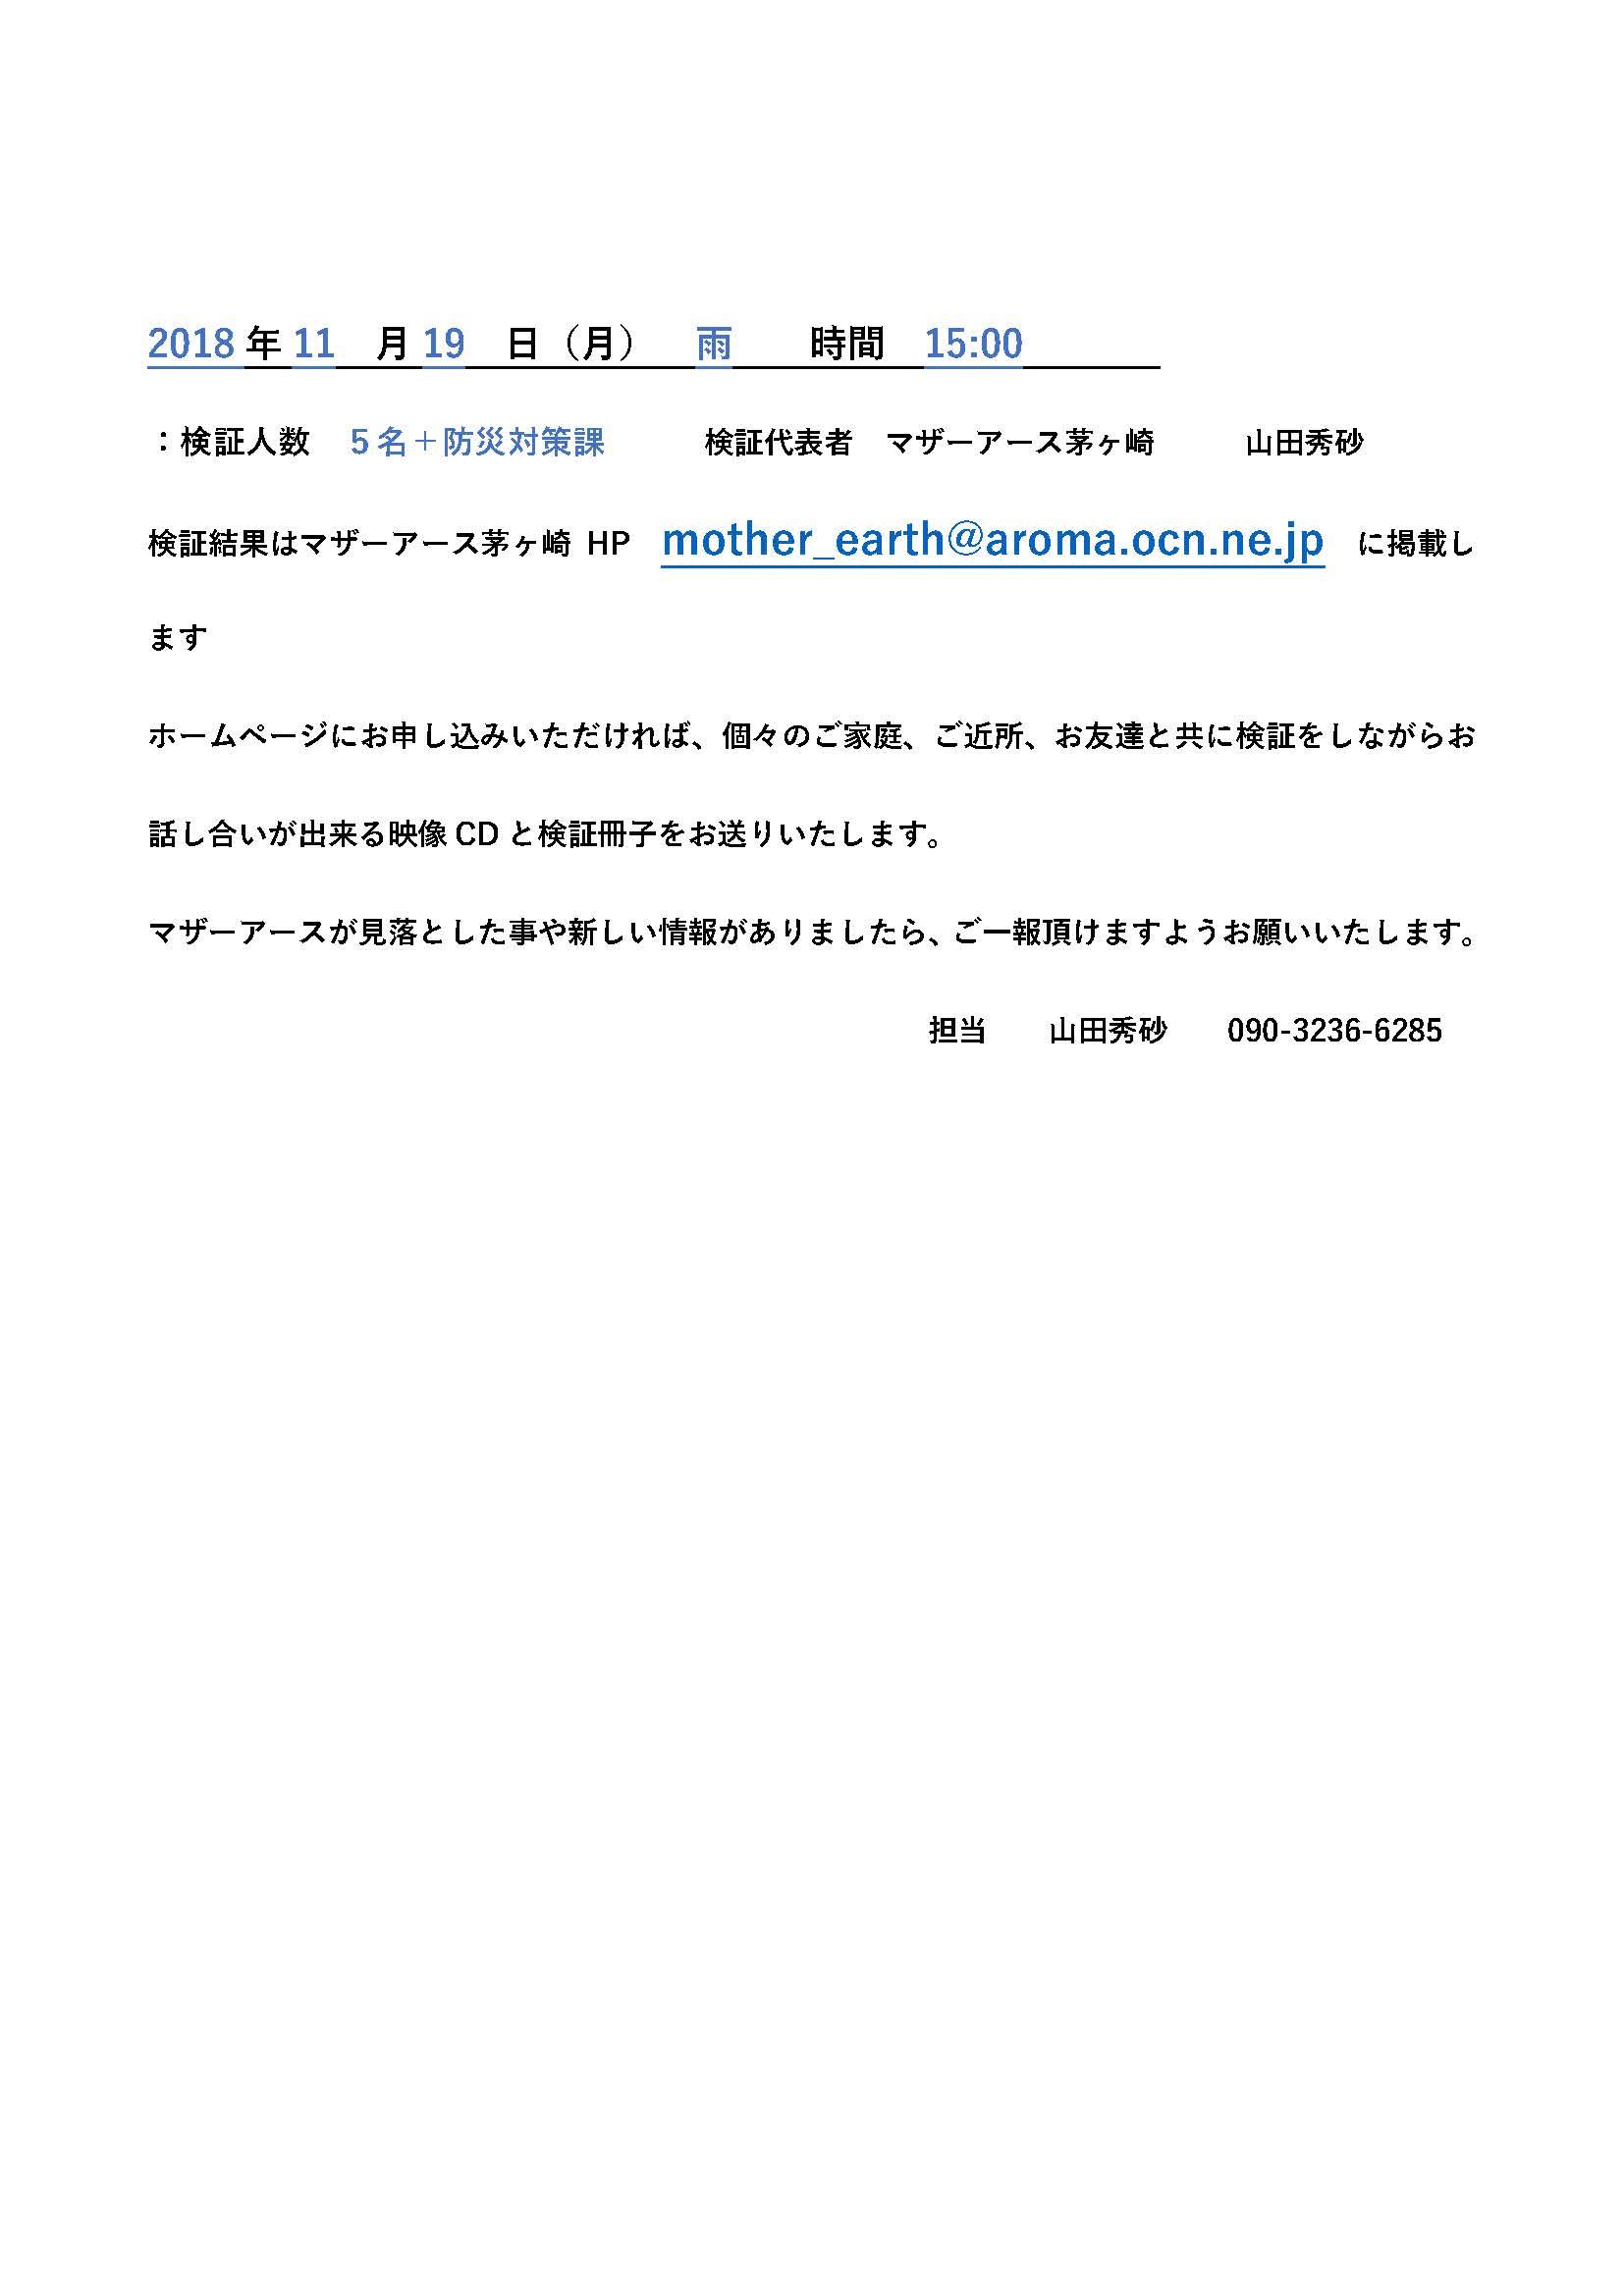 1-5新ーJパワー新広域指定ーマザーアース茅ヶ崎広域避難場所チェックシート_ページ_4